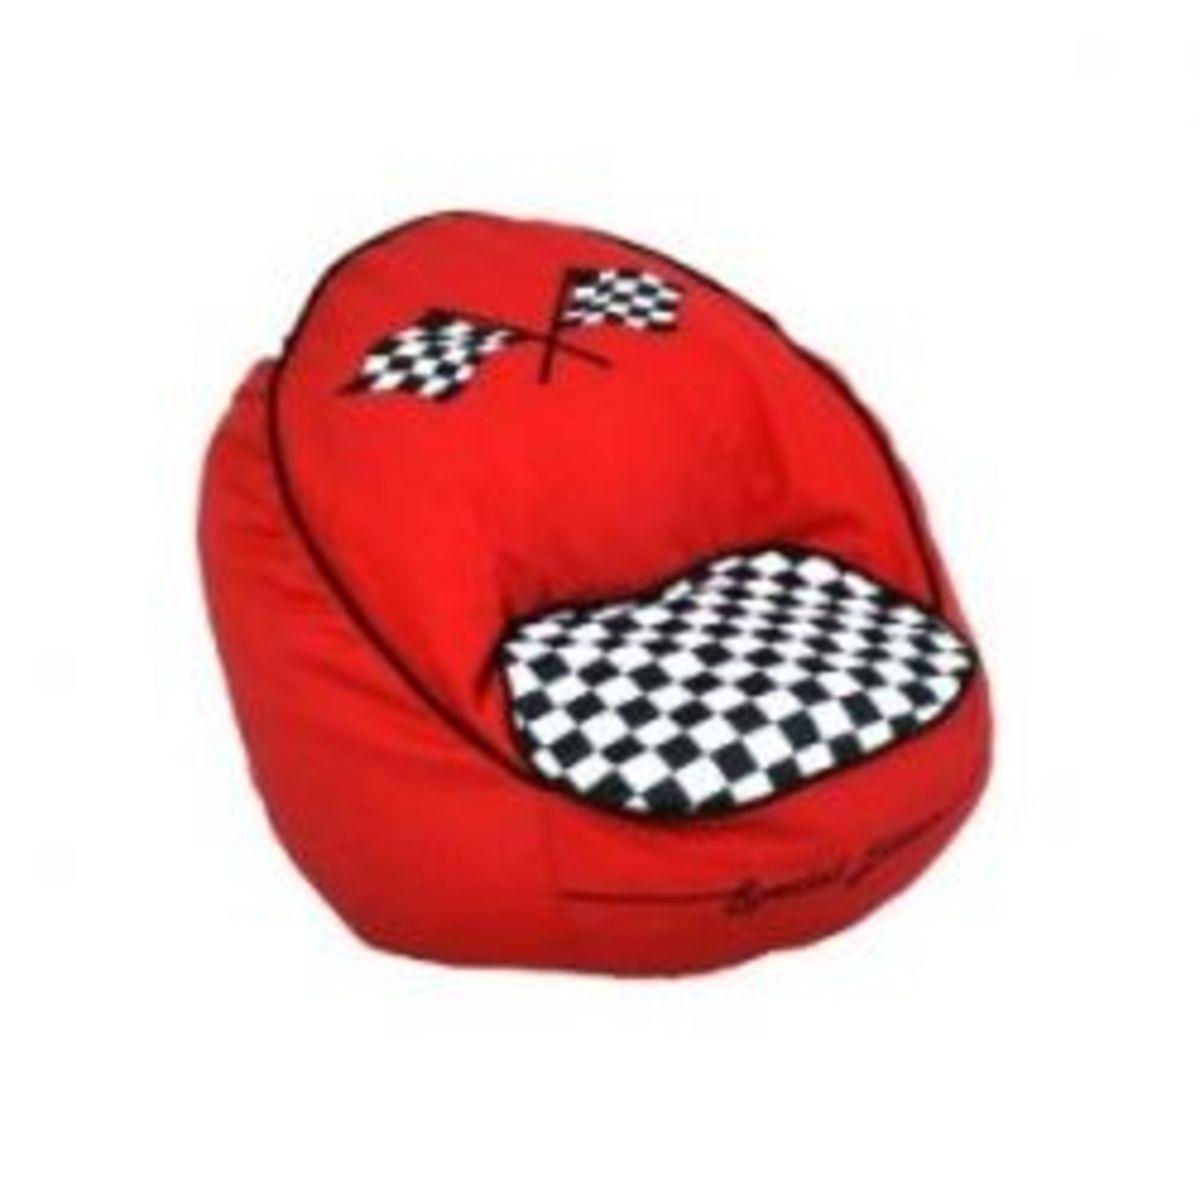 Newco Kids Race Car Bean Chair